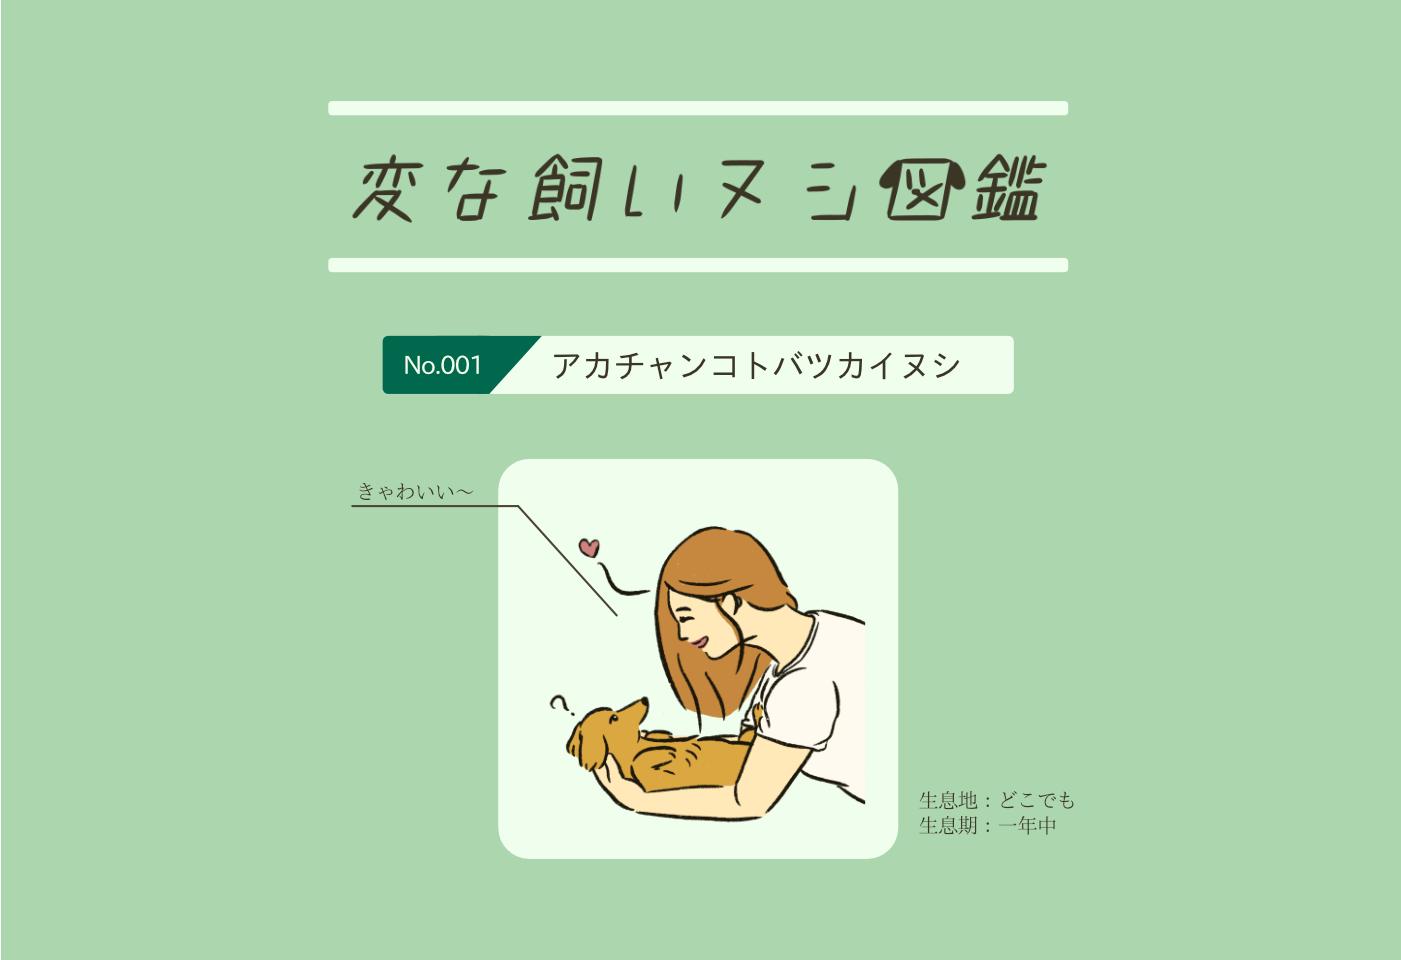 犬を前にすると…⁈『アカチャンコトバツカイヌシ』変な飼いヌシ図鑑【No.001】